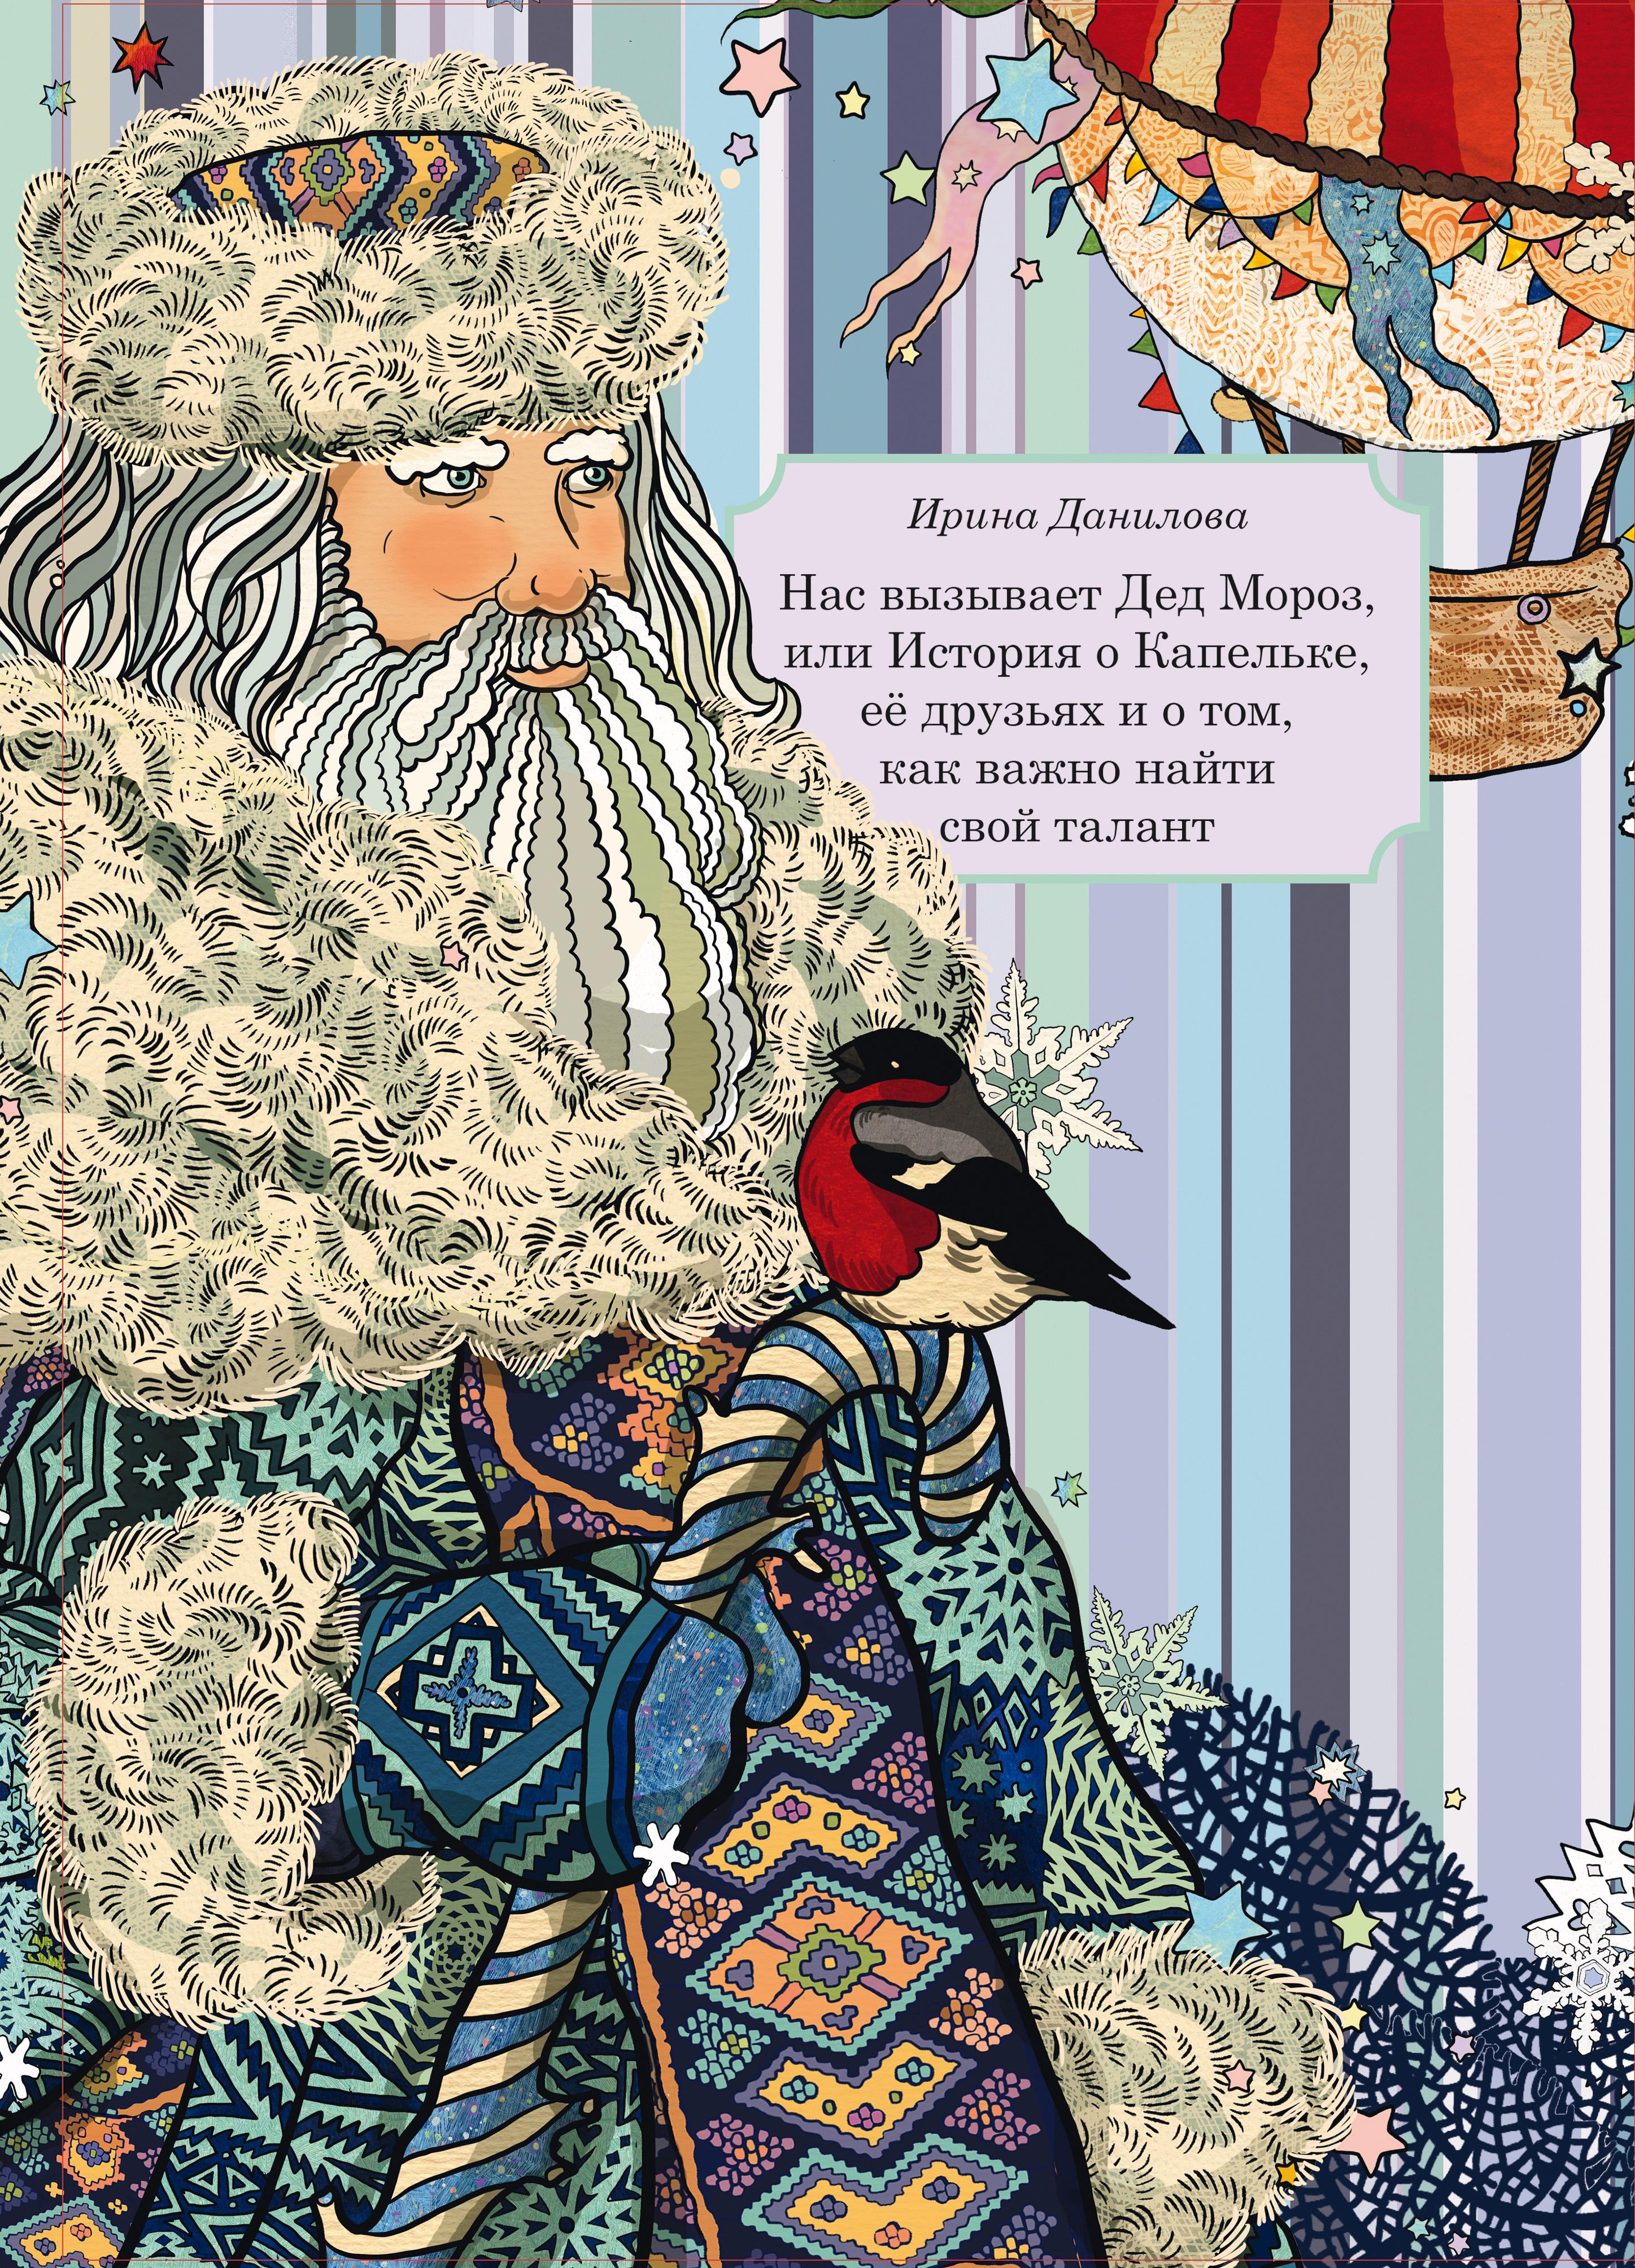 Нас вызывает Дед Мороз, или История о Капельке, друзьях и о том, как важно найти свой талант